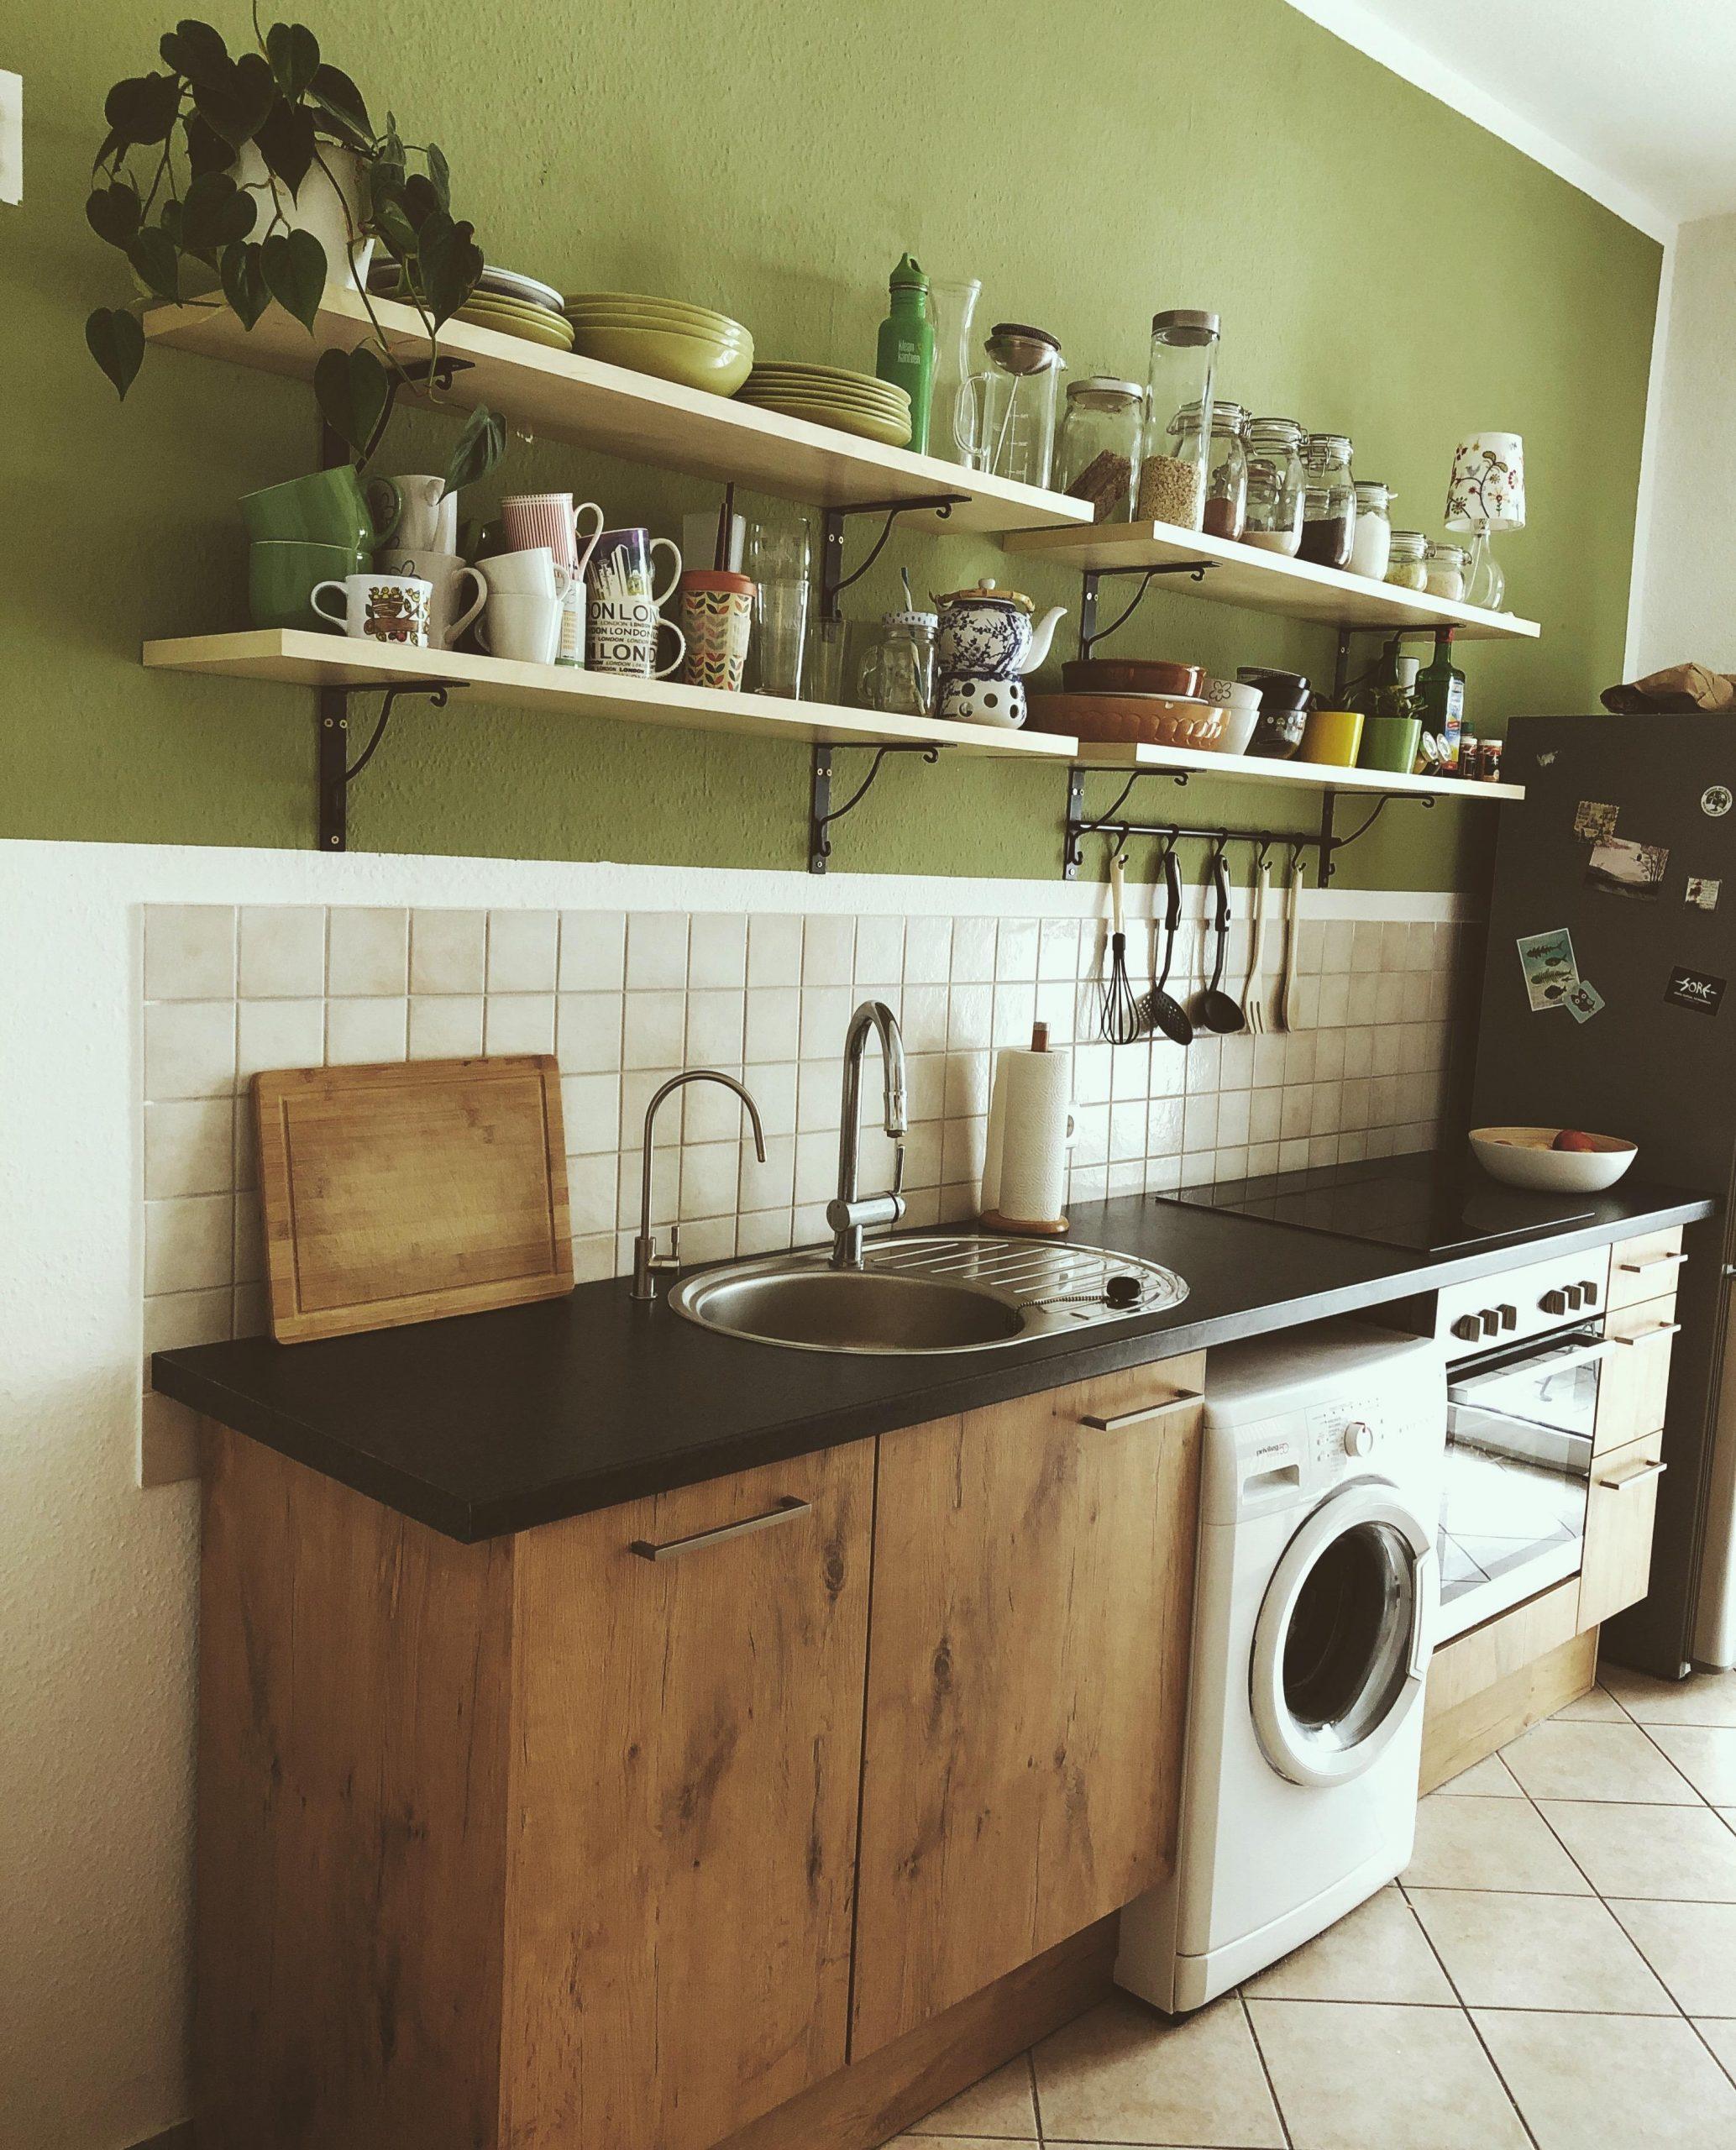 Full Size of Küche Wandfarbe Farbe In Der Kche So Wirds Wohnlich Möbelgriffe Landhausküche Weiß Planen Kostenlos Kaufen Ikea Grillplatte Kleine Einbauküche Wasserhahn Wohnzimmer Küche Wandfarbe